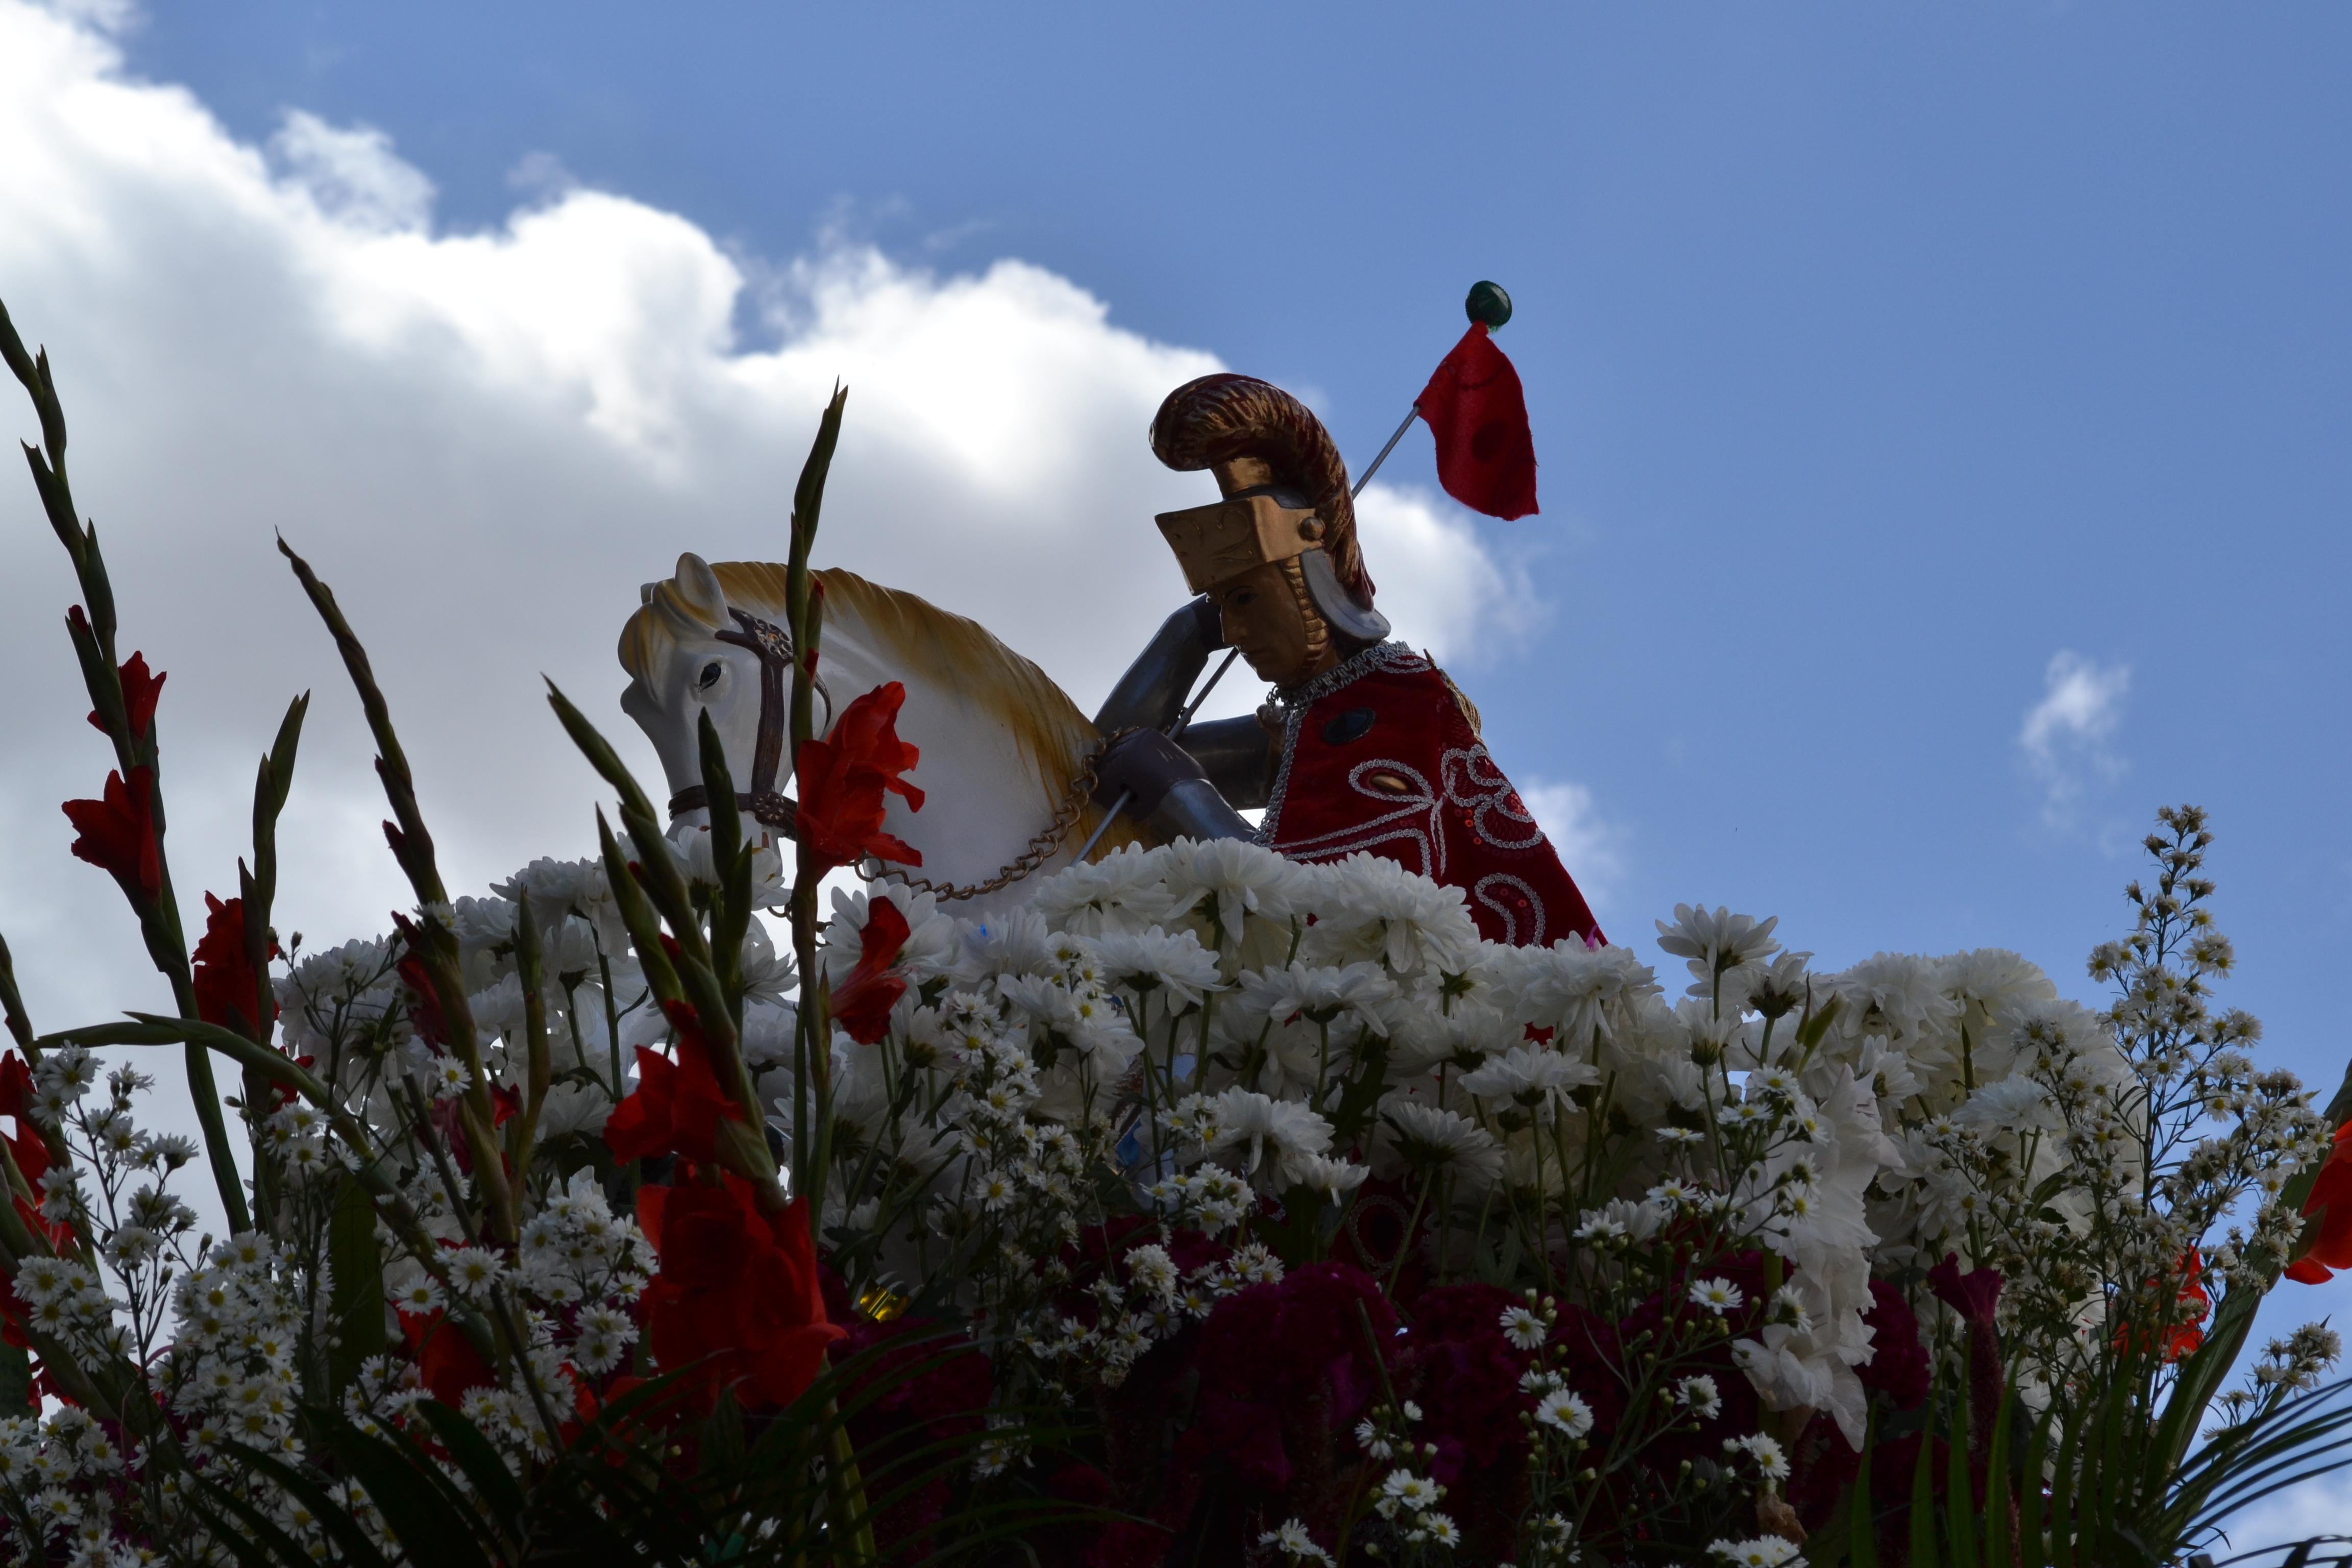 Guia dos festejos de São Jorge